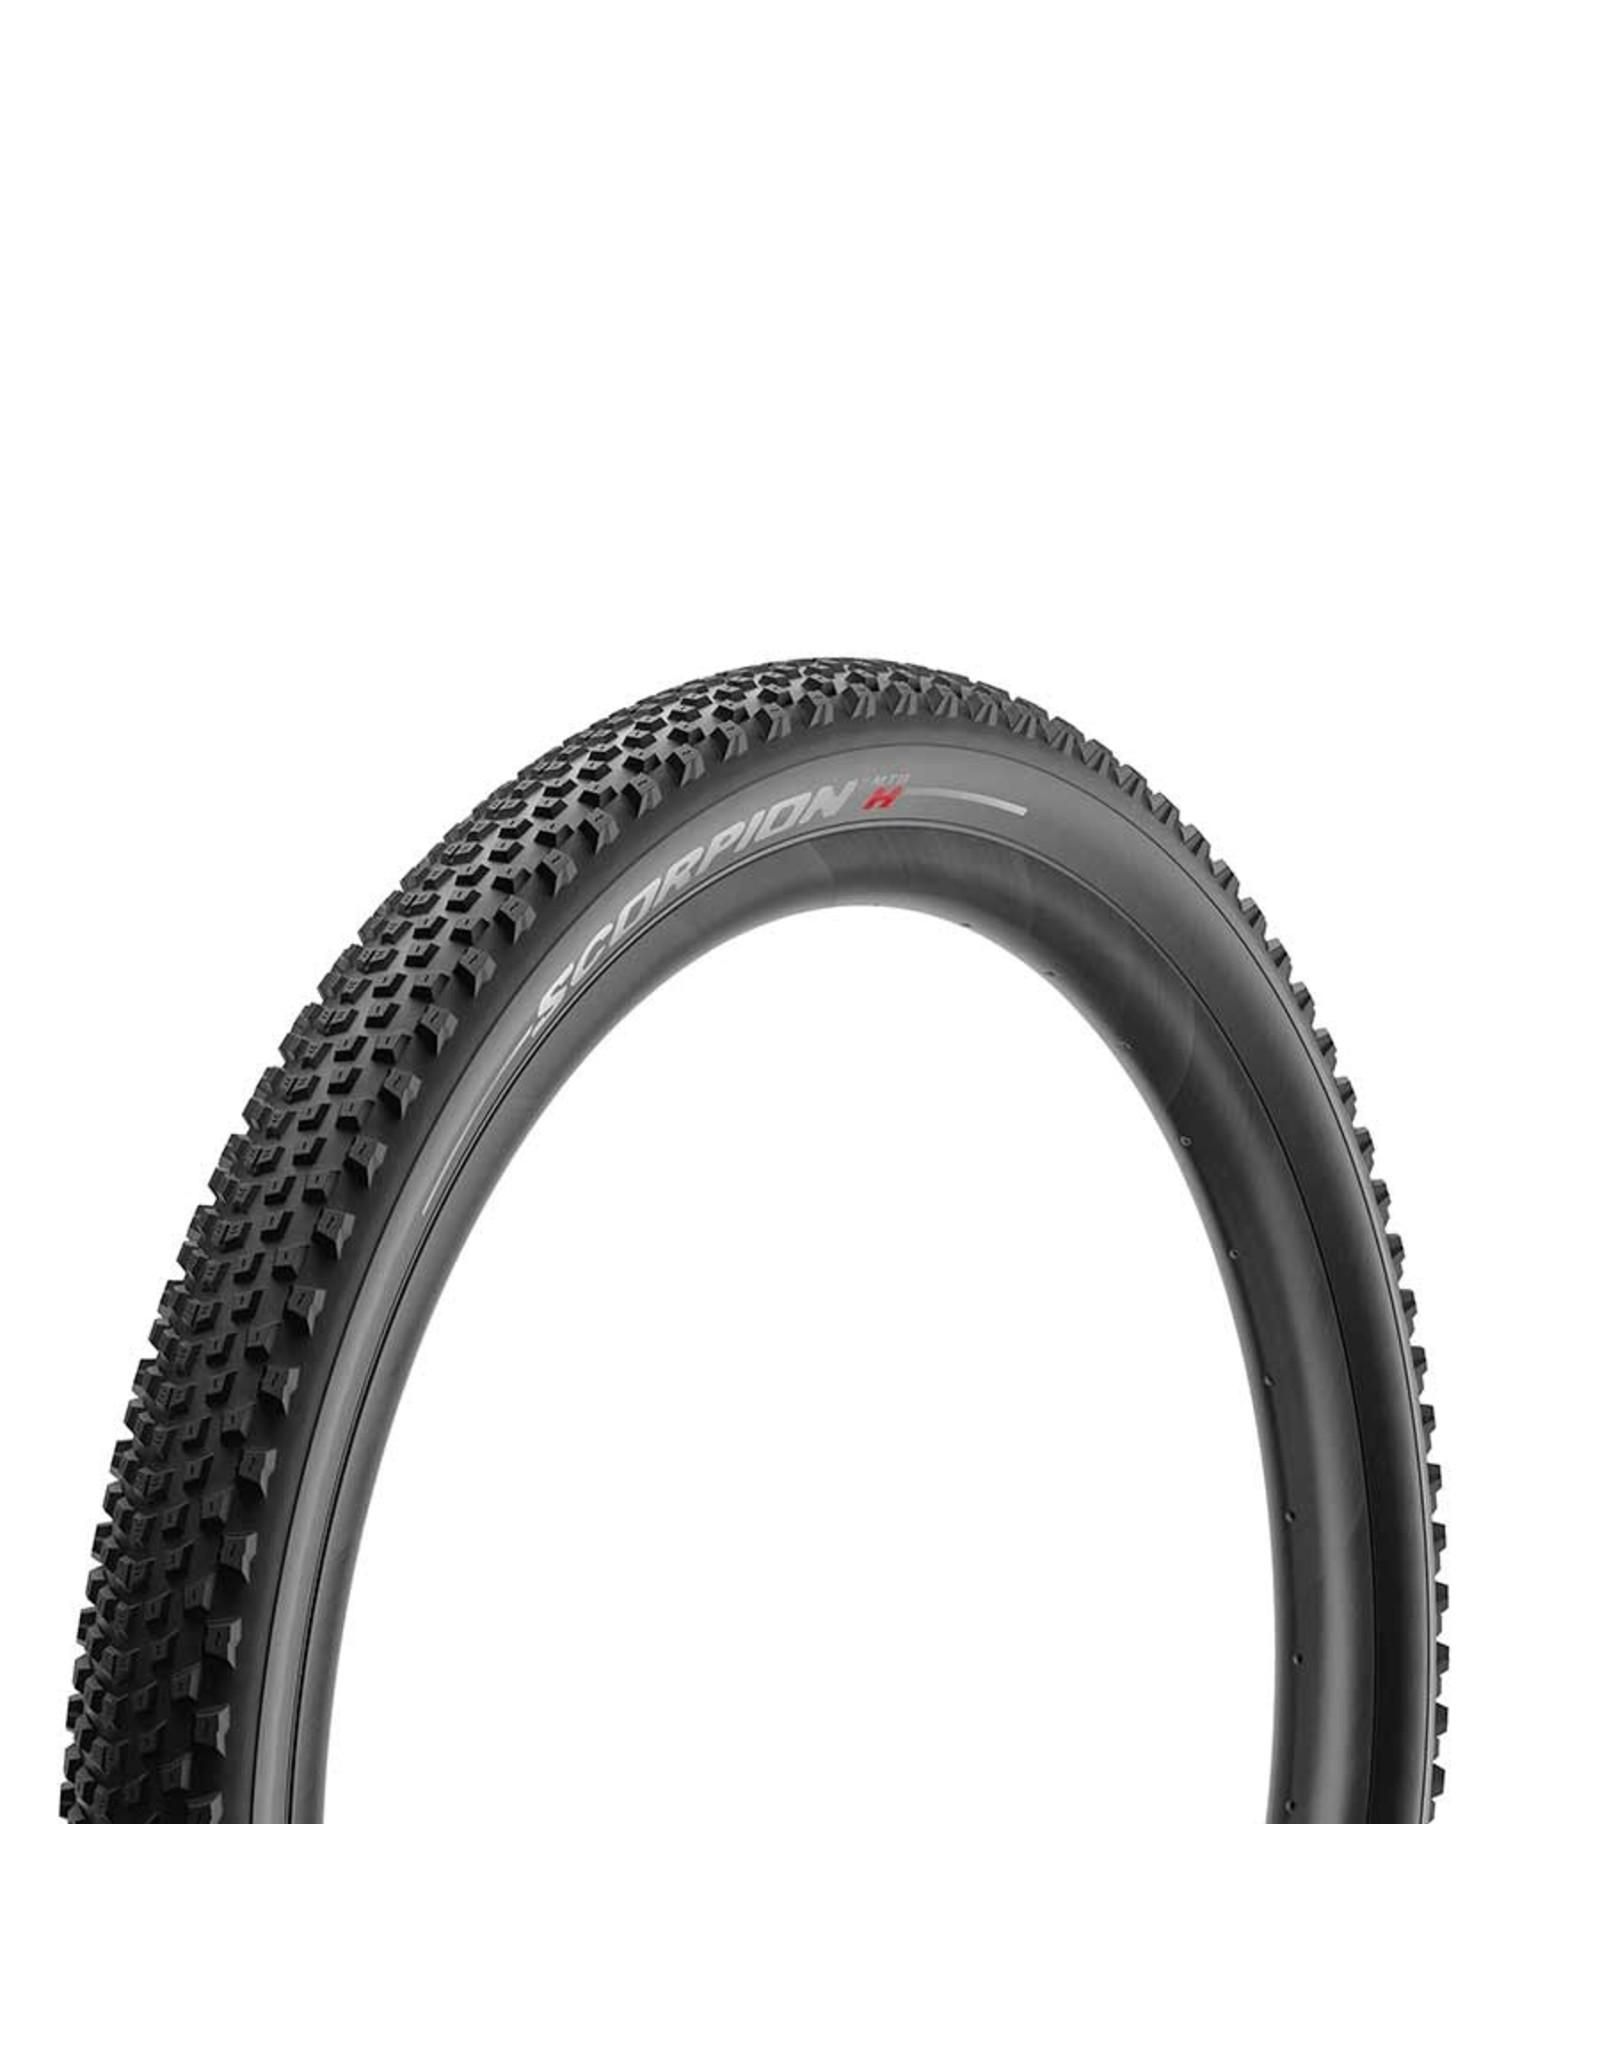 Pirelli, Scorpion MTB H, Tire, 29''x2.40, Folding, Tubeless Ready, Smartgrip, 60TPI, Black